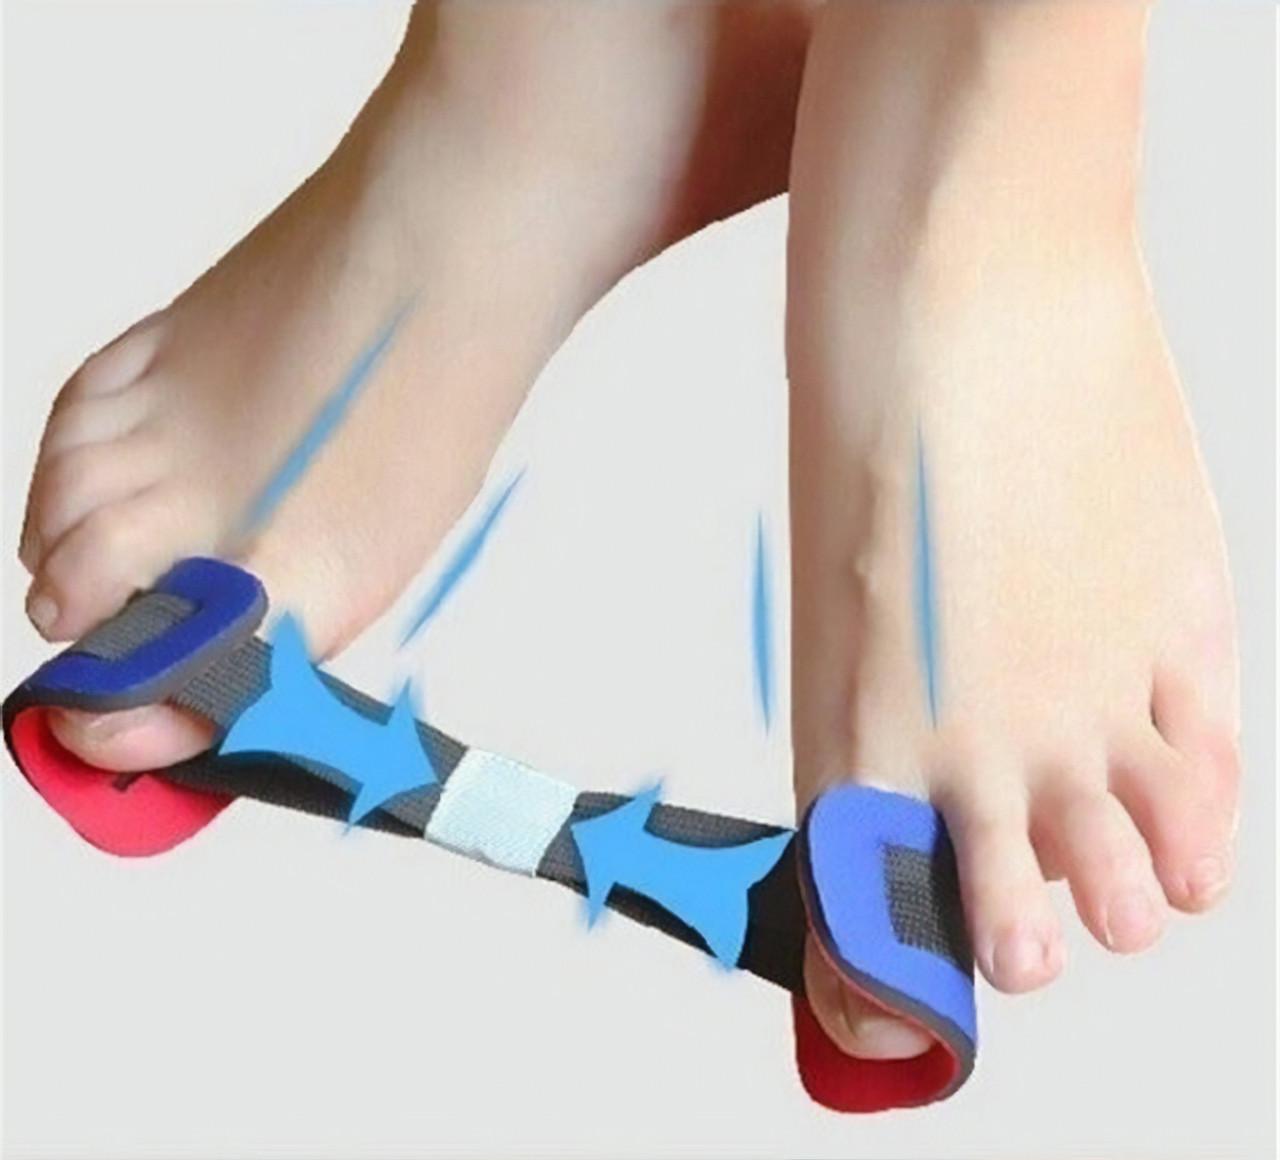 Лента-тренажер при вальгусной деформации FootMate Bunion Gym